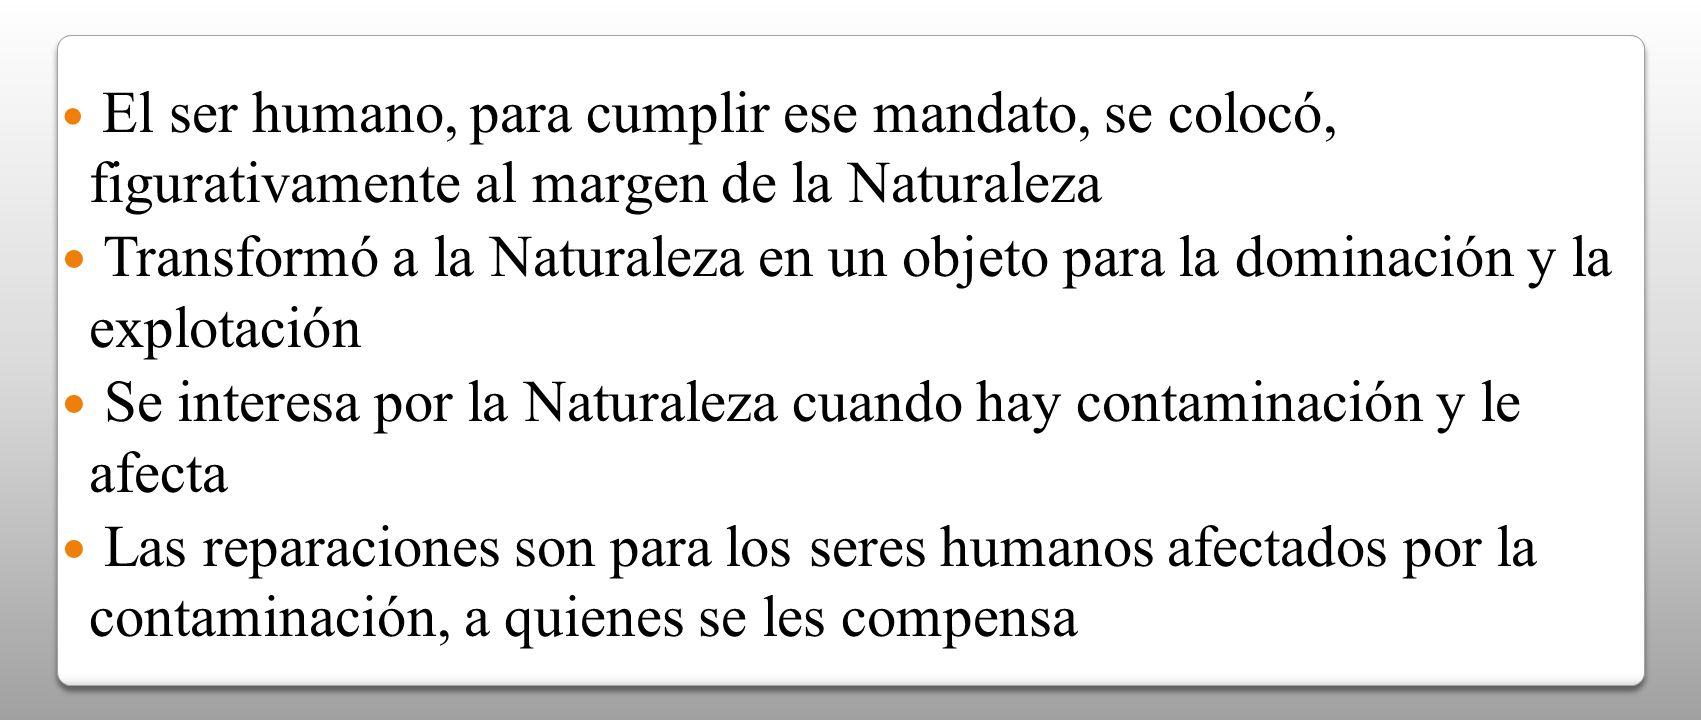 Los humanos se aprovechan de la Naturaleza en su beneficio El progreso/desarrollo sintetiza la explotación de la Naturaleza En América Latina empezó con la colonización y el extractivismo, continua con la república